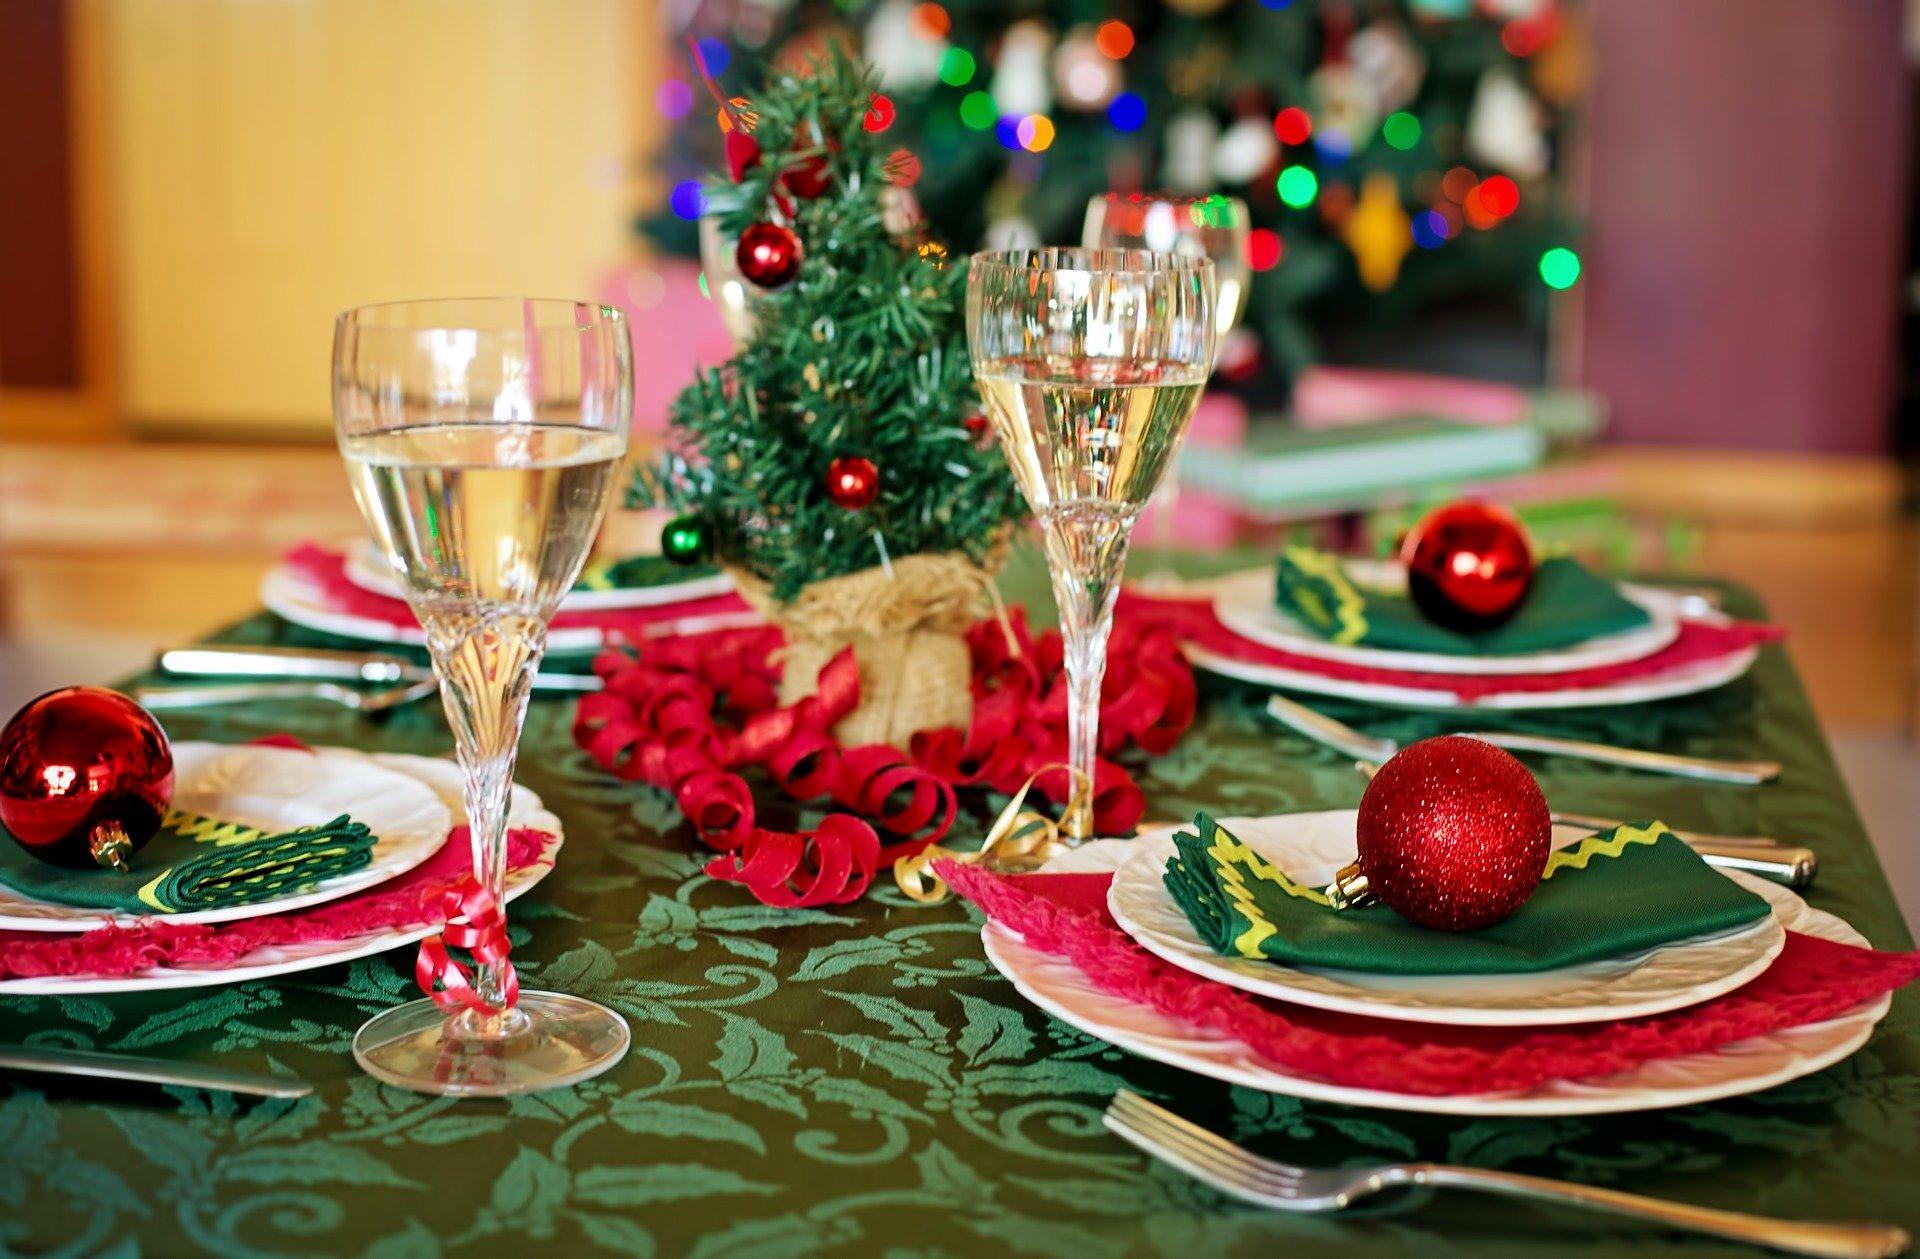 Retrouvez nos astuces naturelles pour une bonne digestion durant les fêtes de fin d'année